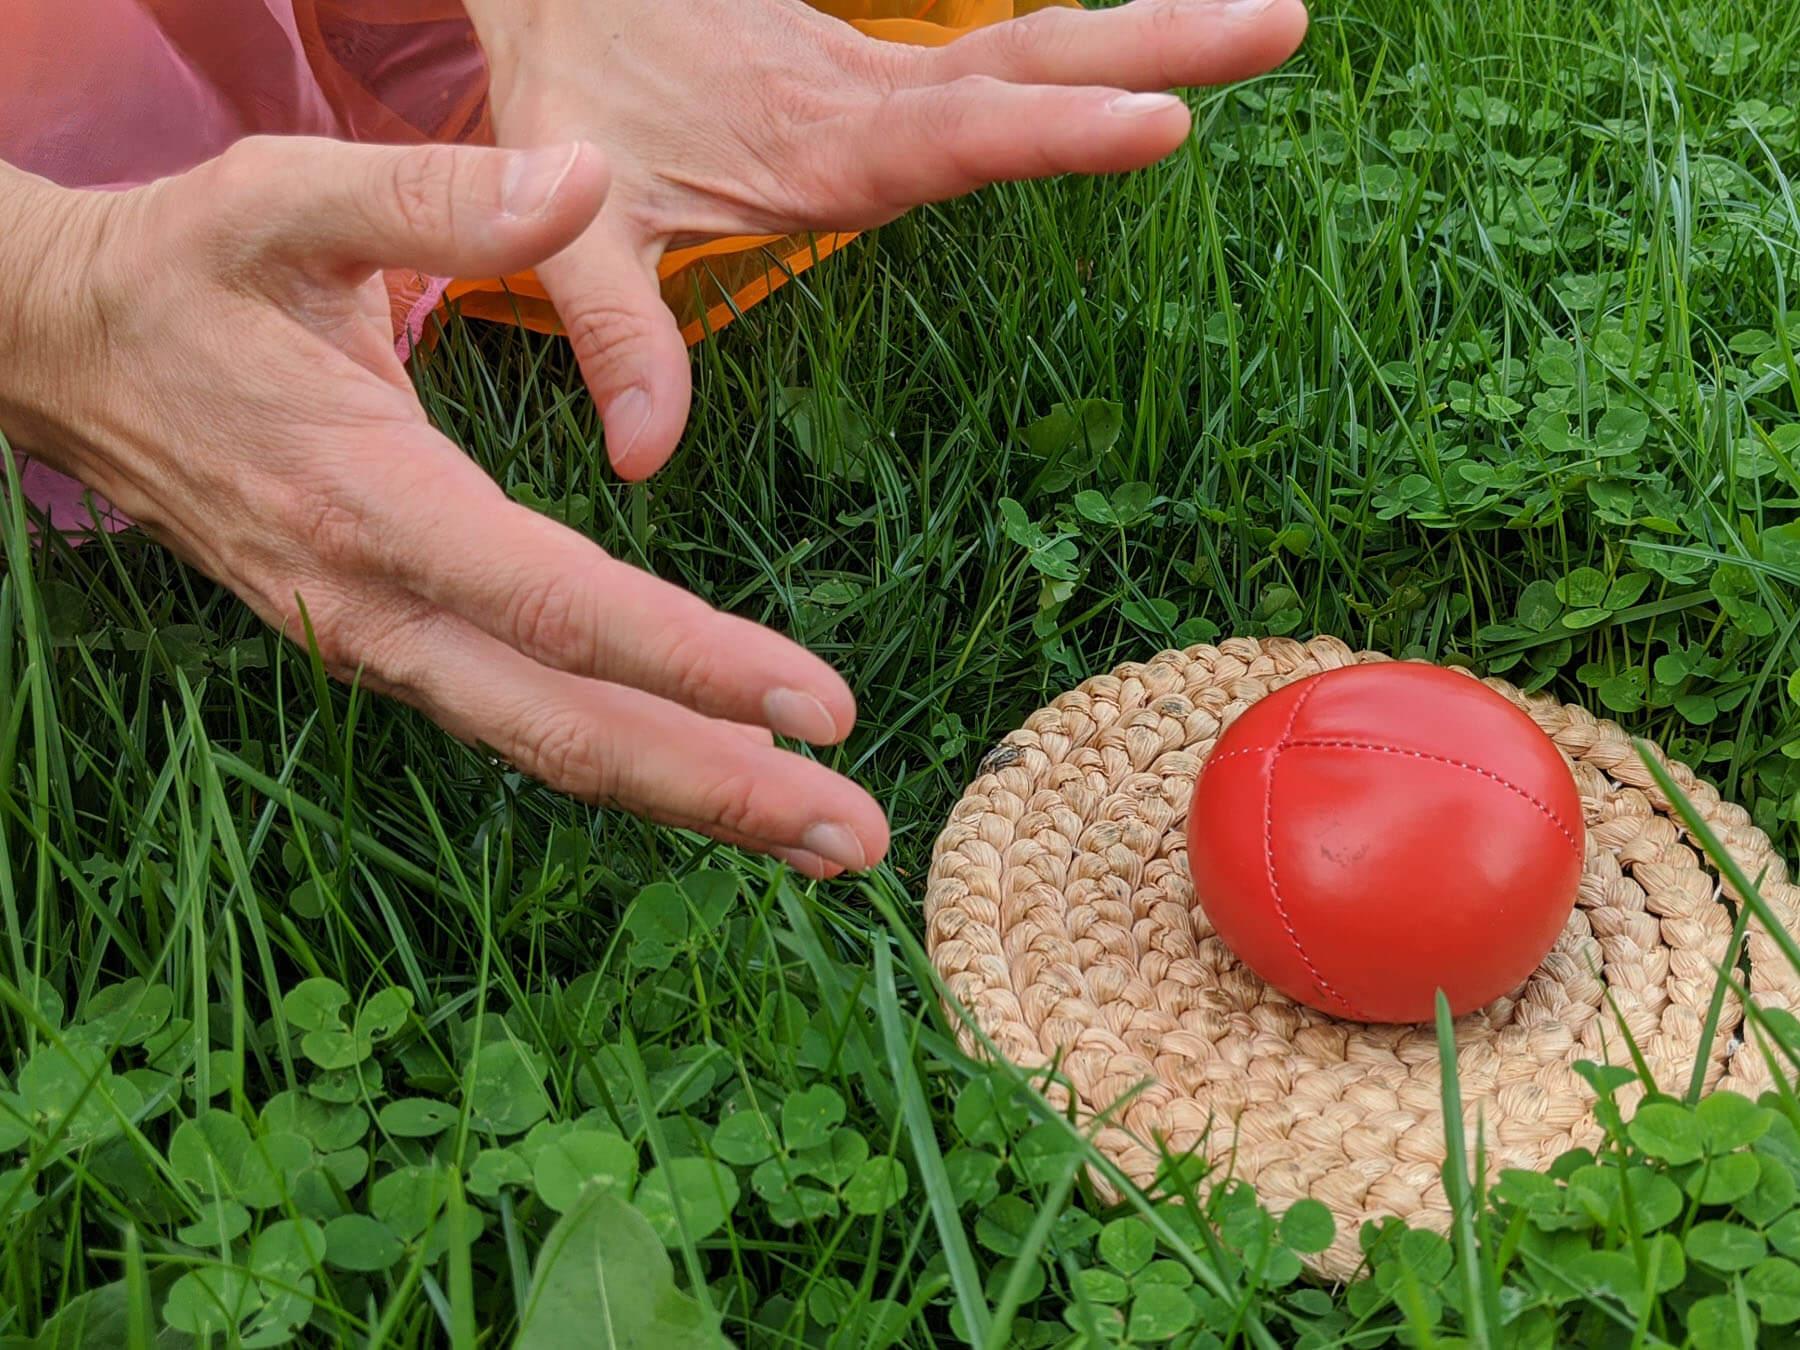 corona orakel jonglierball freispiel projekttage schullandwoche schulprojektwoche projektwoche spiel raetselrallye gelaendespiel